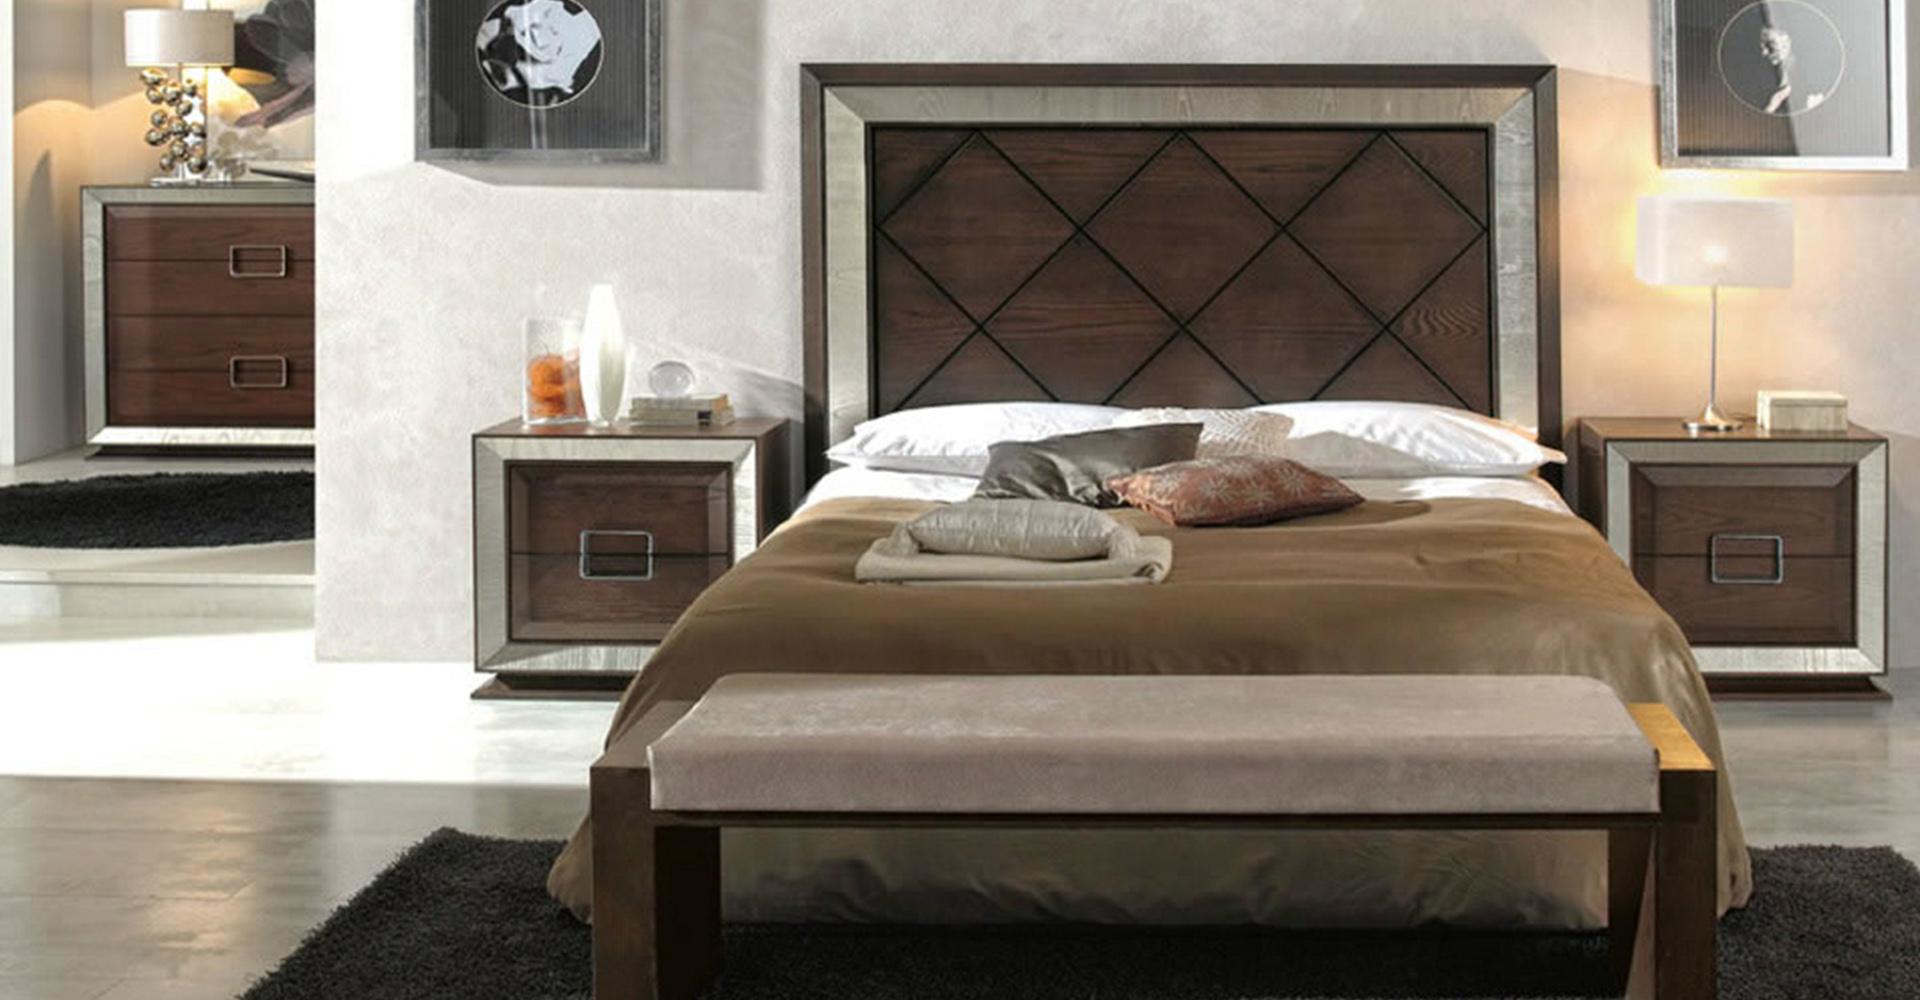 dormitorio de estilo contemporaneo (100)